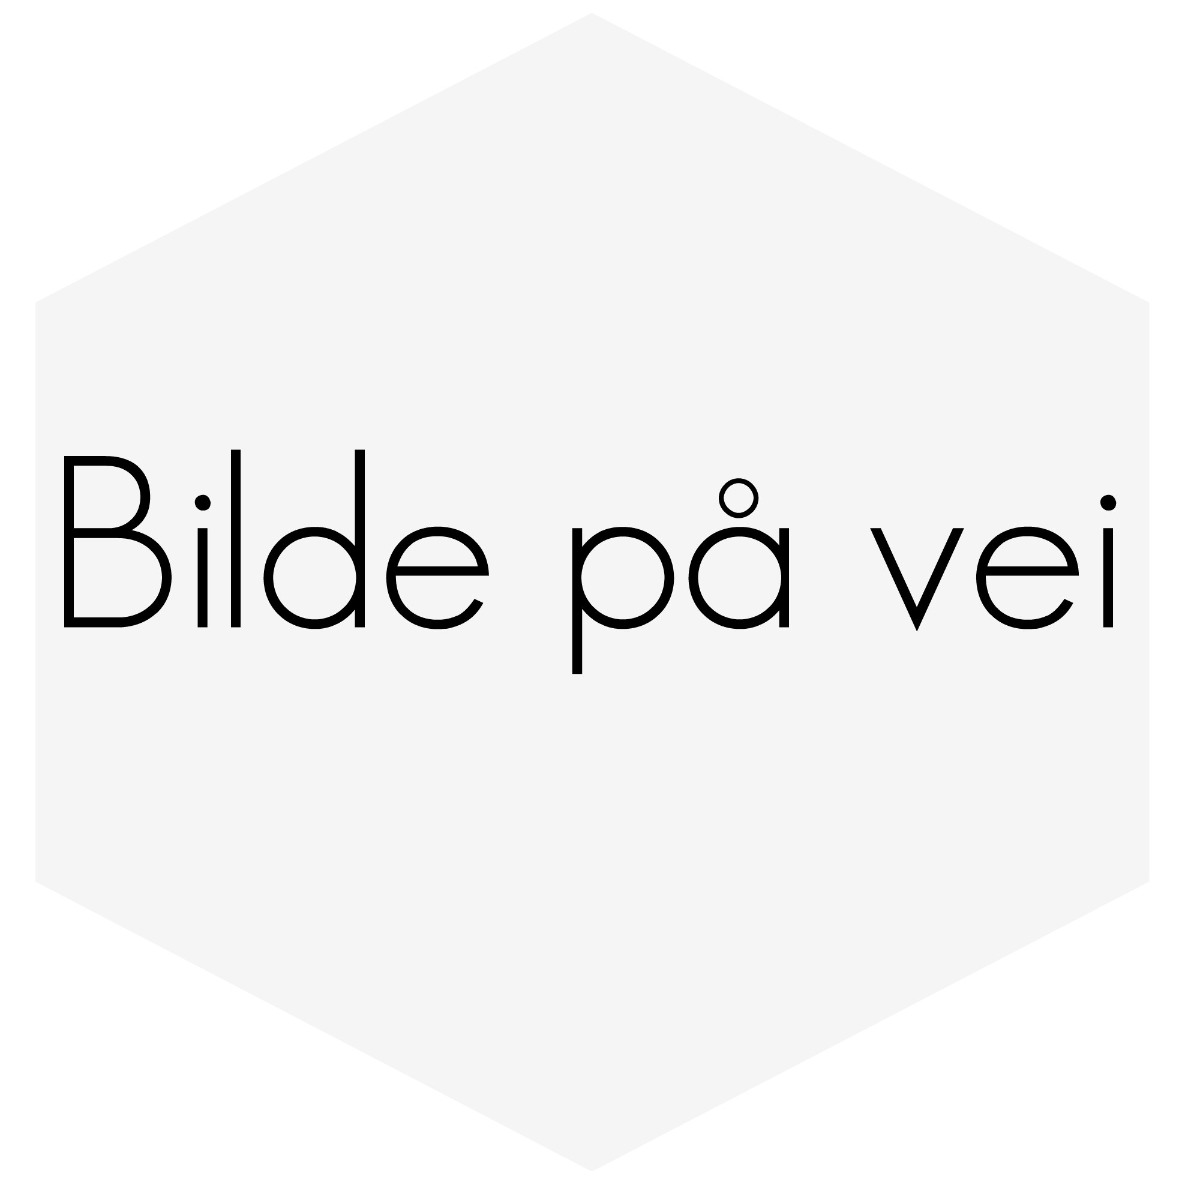 STØTFANGER PLAST BAK VOLVO 240 81-93 ORIGINAL 1247237